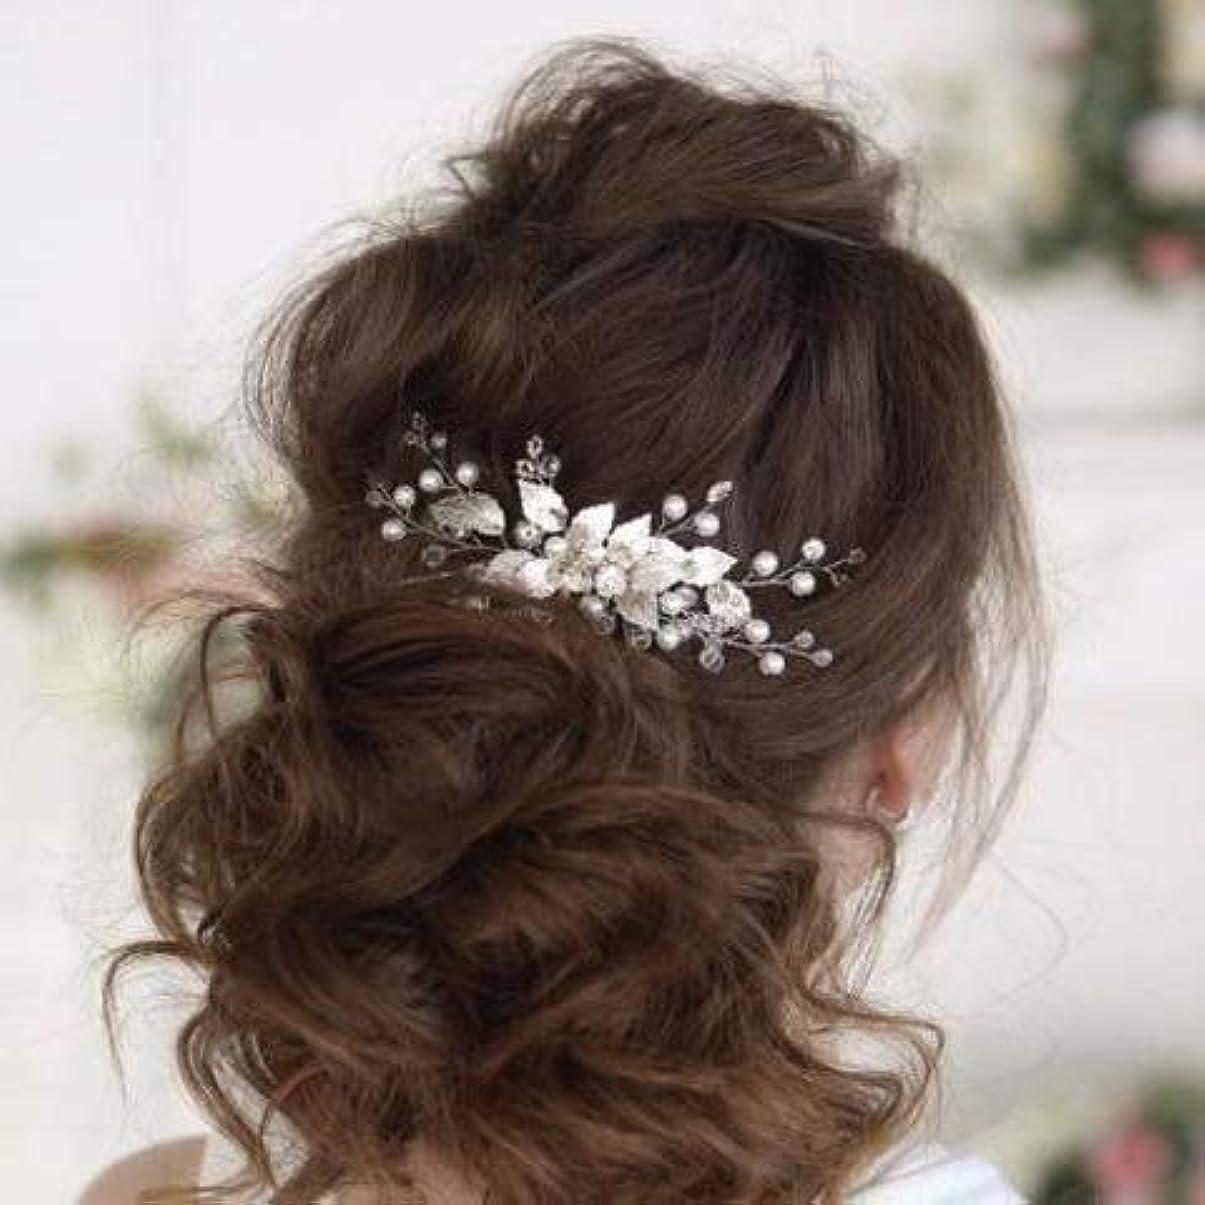 斧捨てる好きKercisbeauty Boho Wedding Bridal Hair Comb Clips Decorative Headband with Crystal Leaf Rhinestones for Brides...